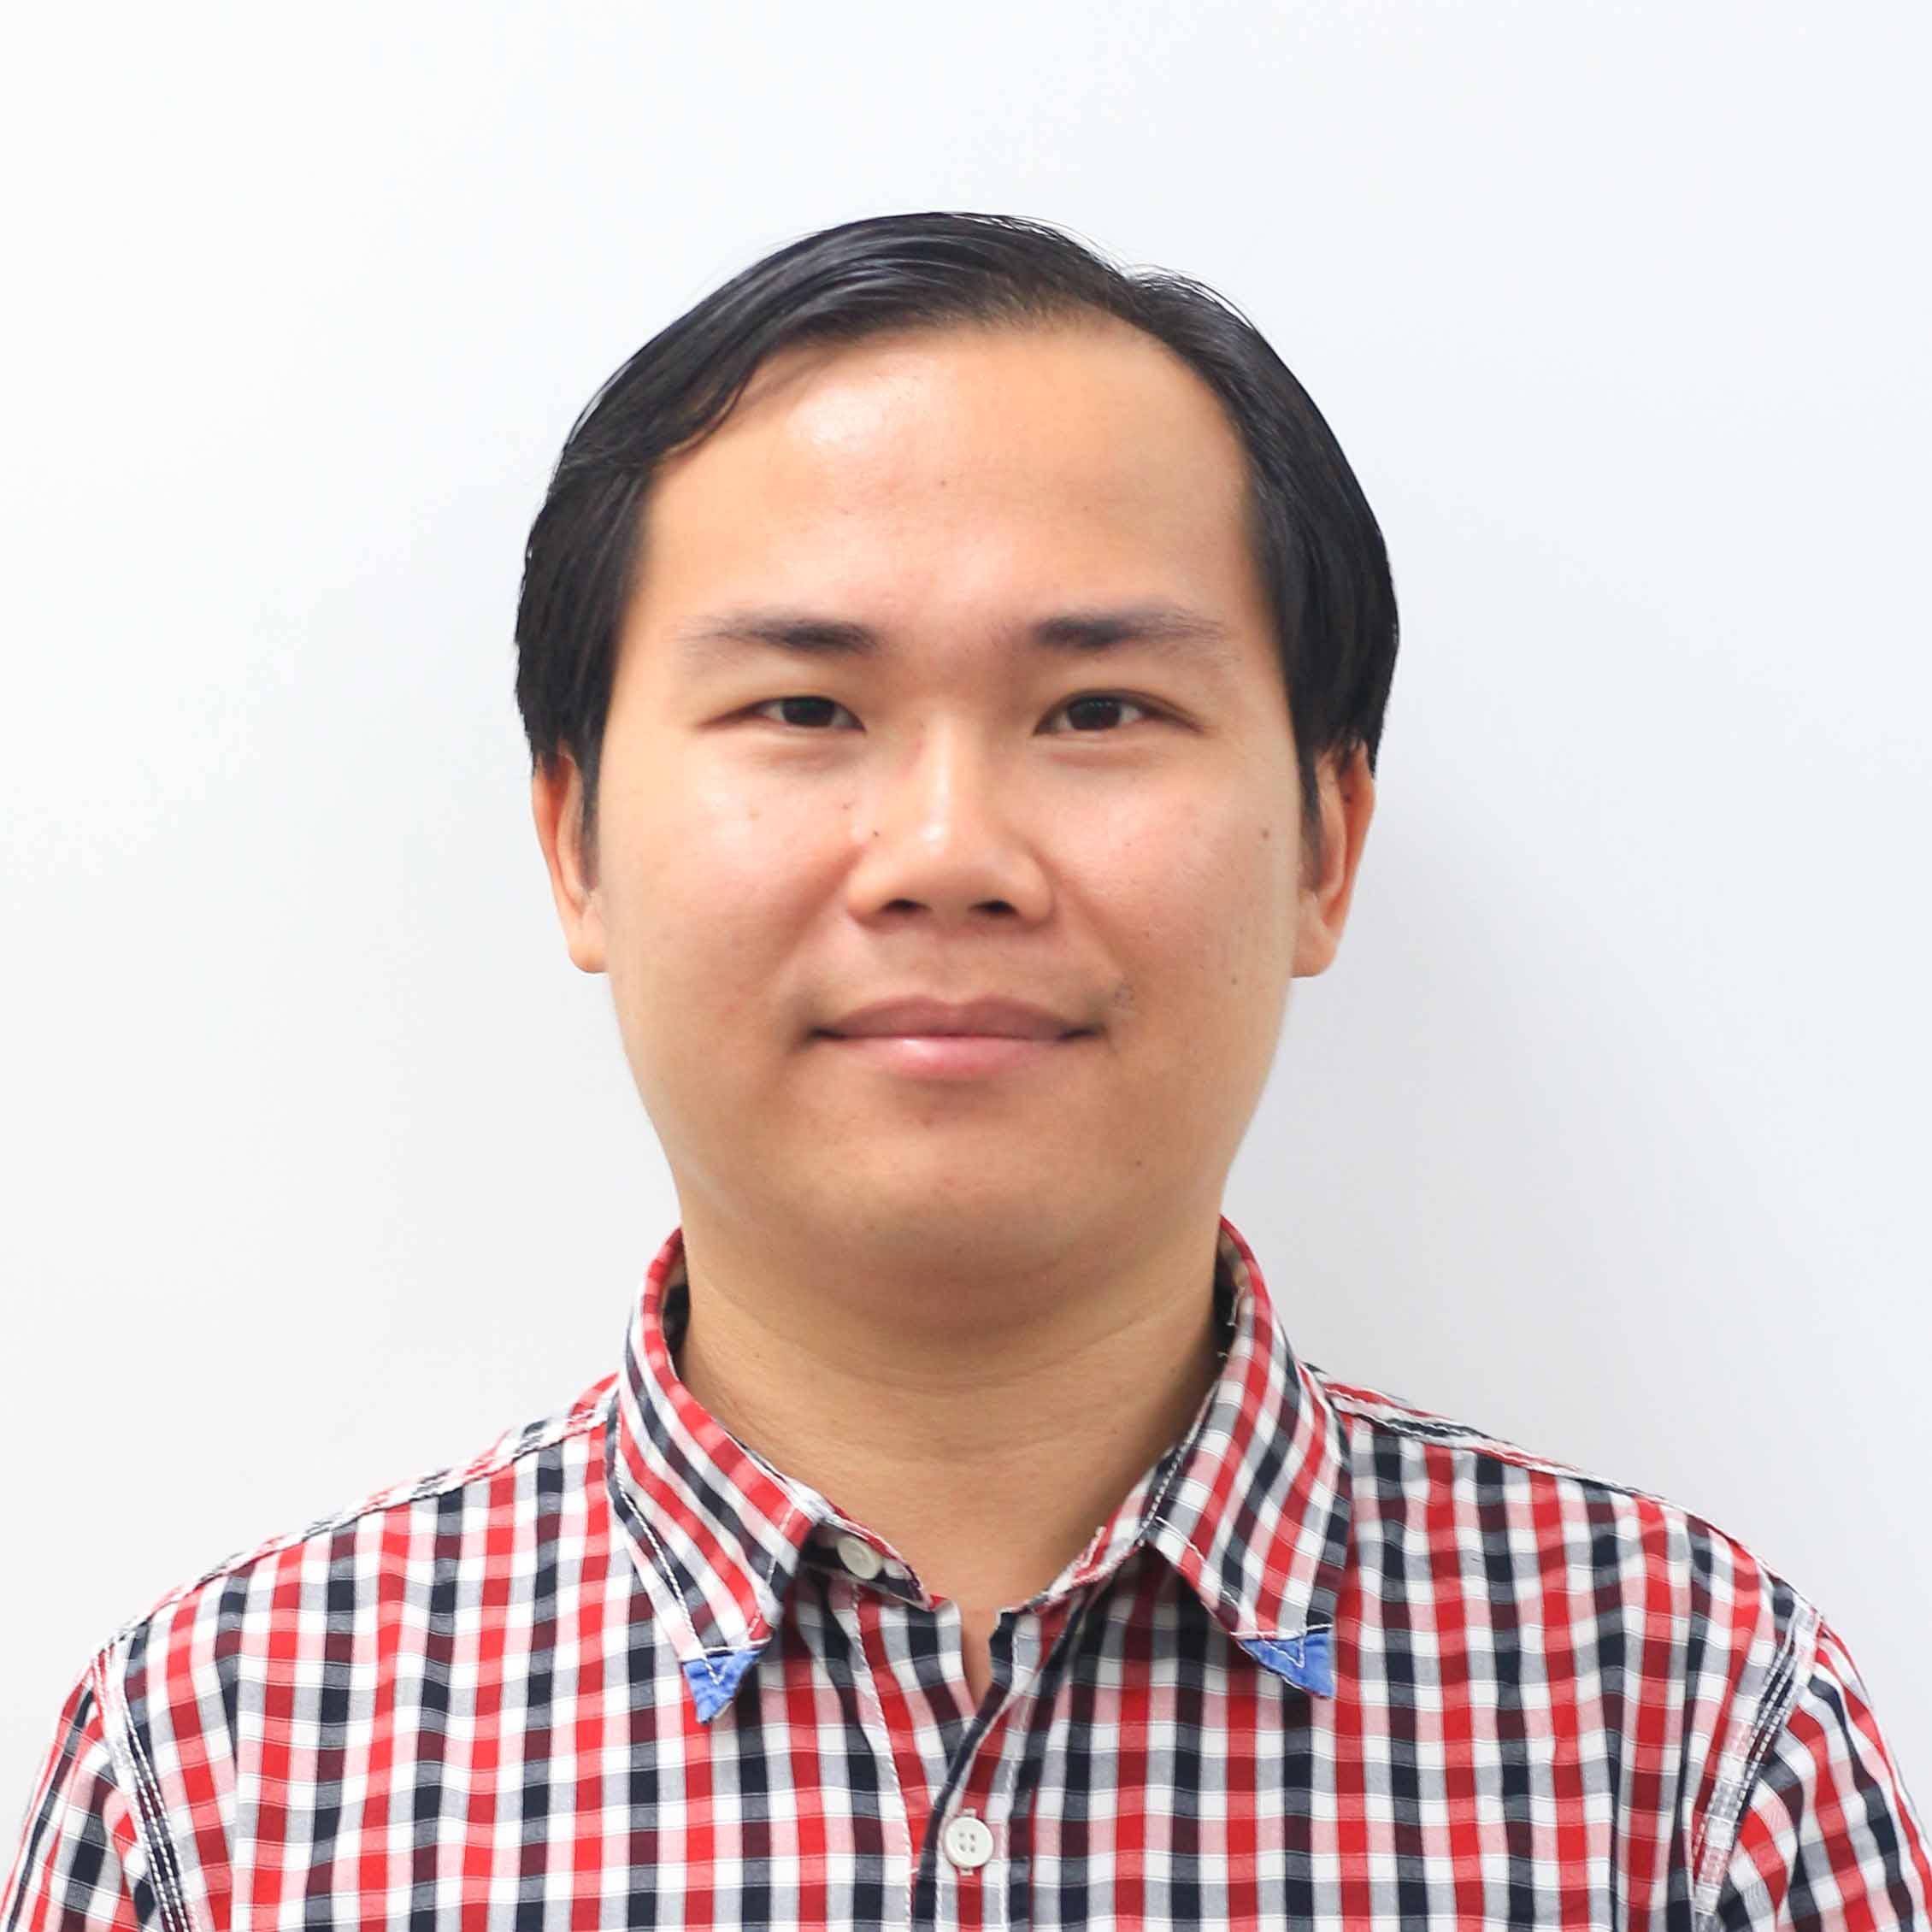 Photograph of Hieu Phu Pham